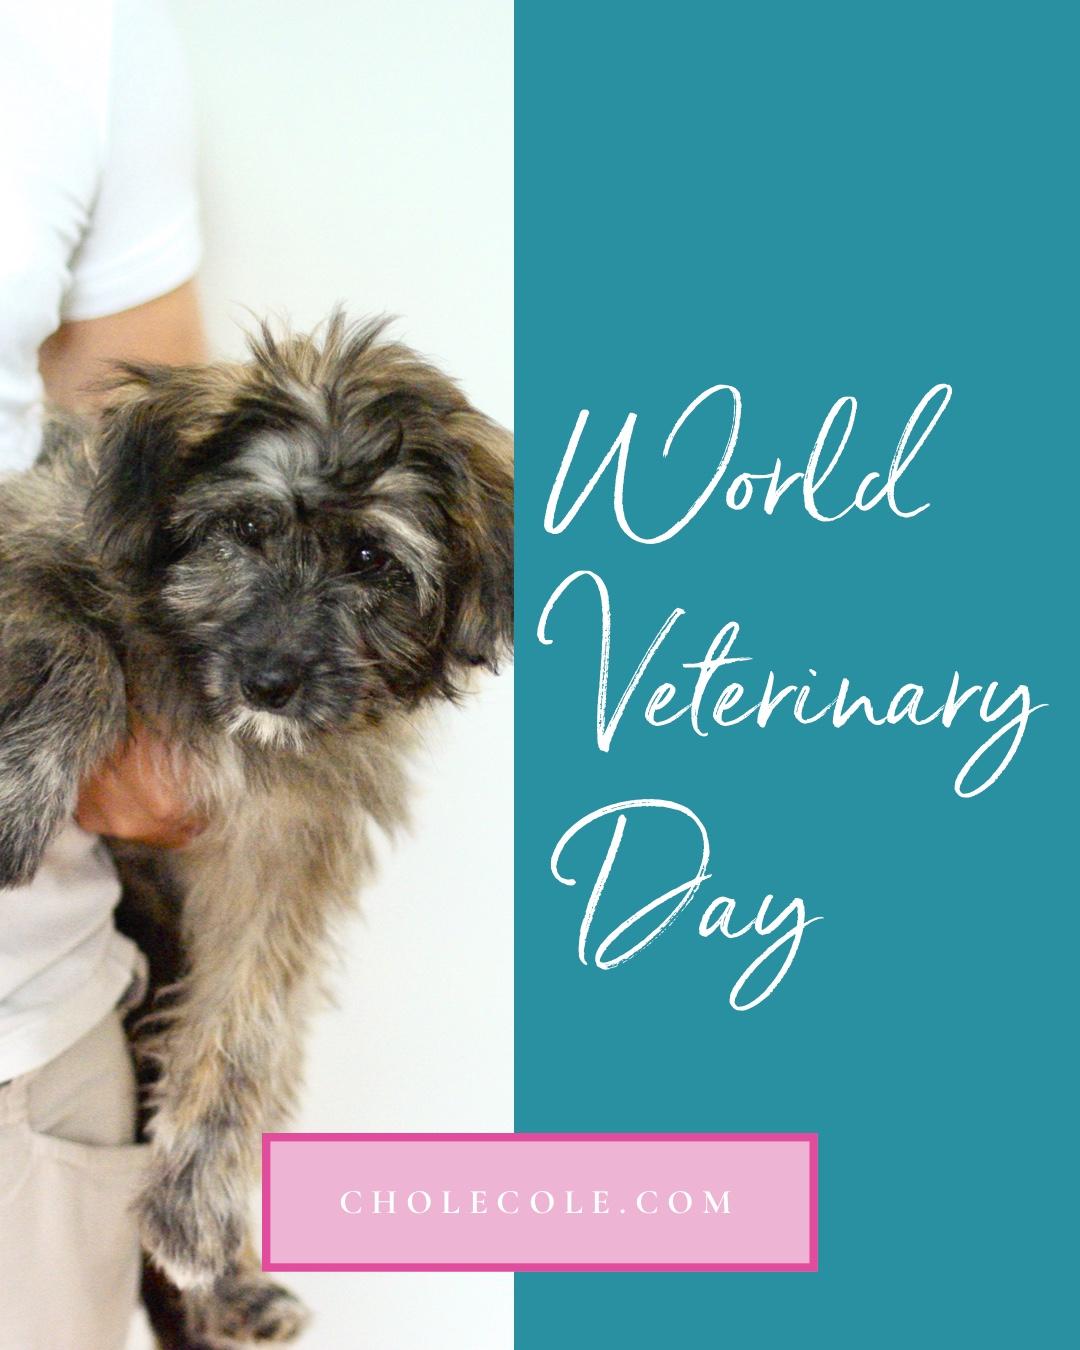 April 27th World Vet Day